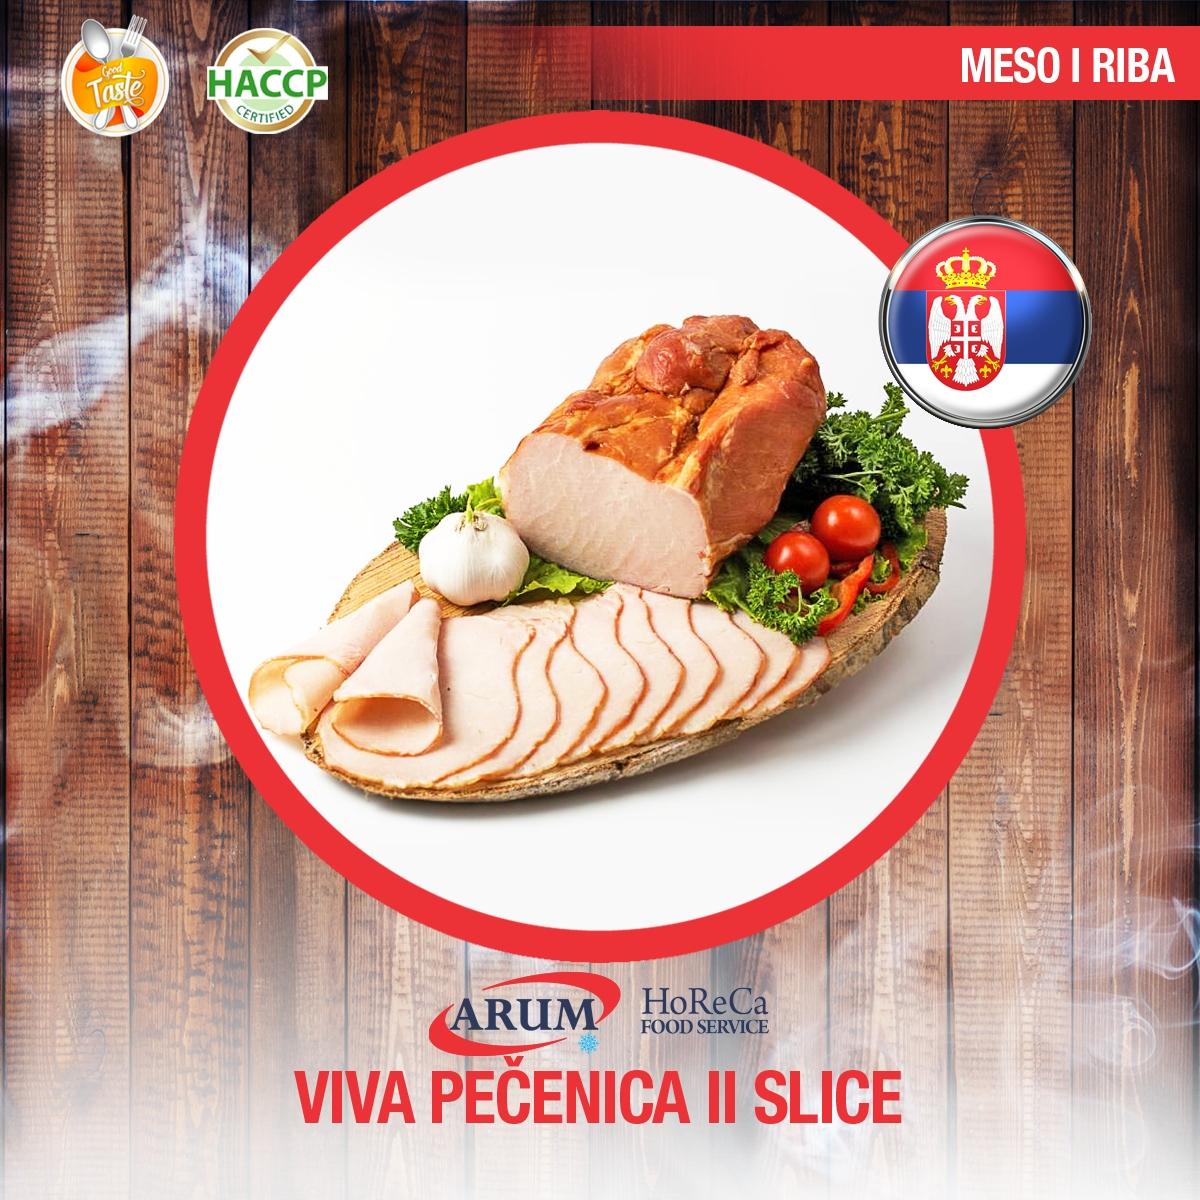 Viva pecenica ii slice